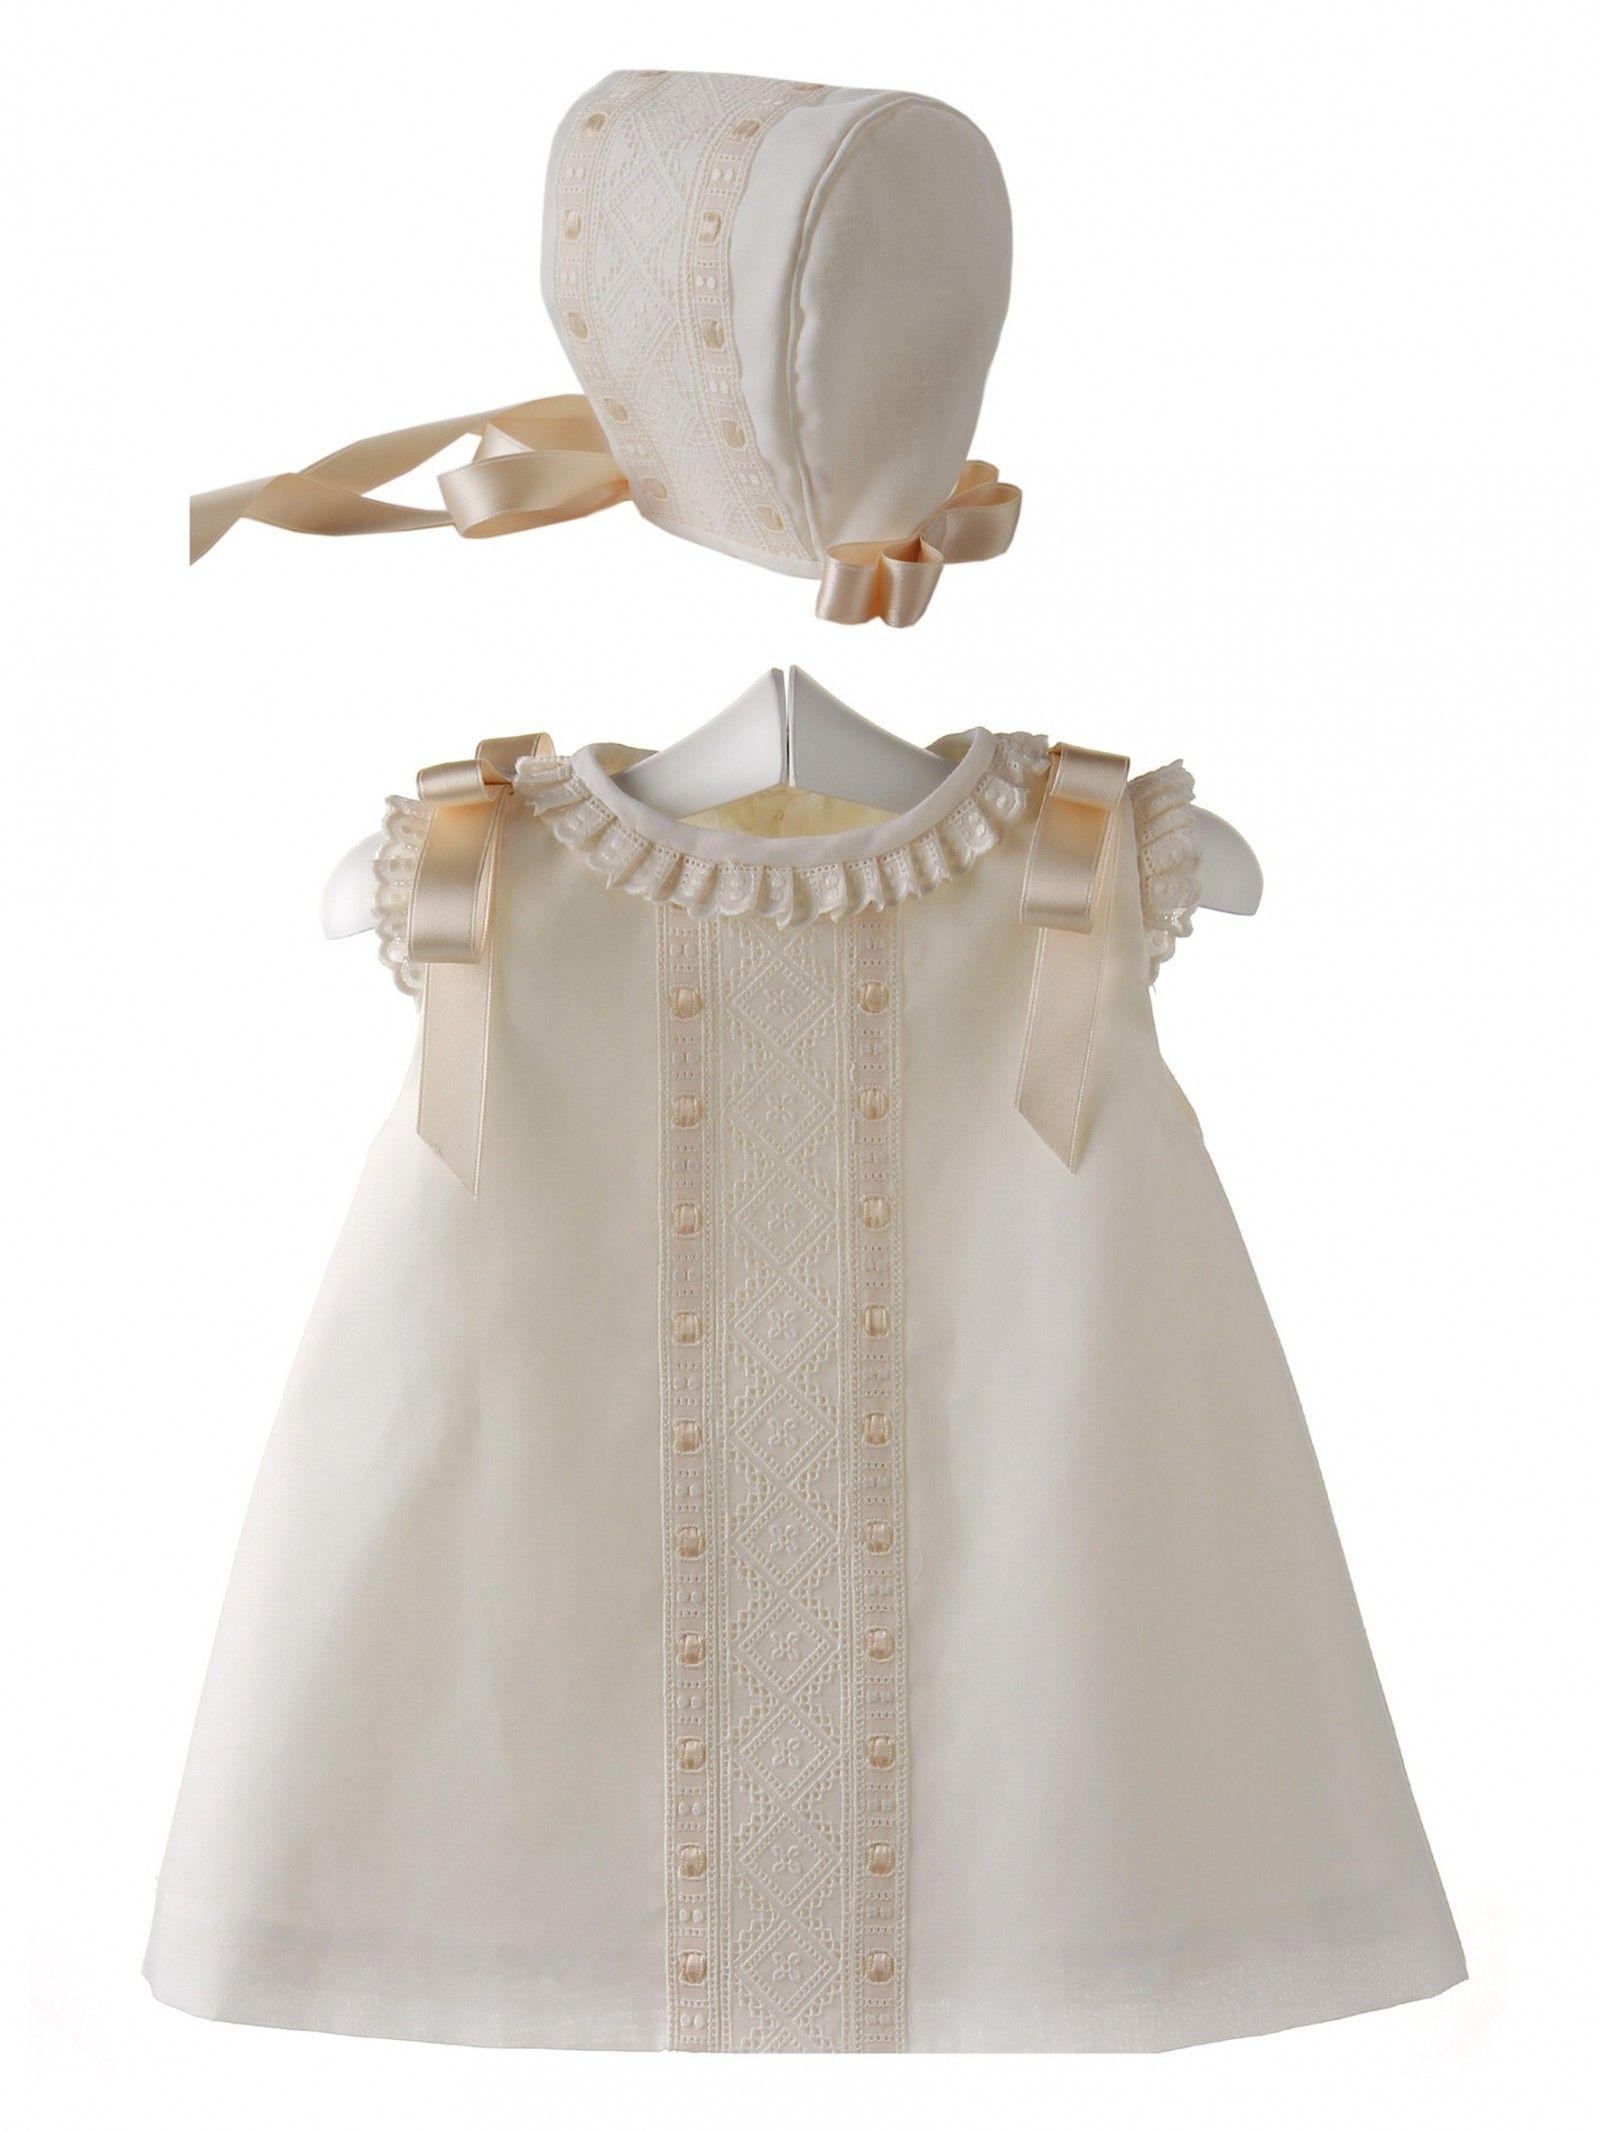 cf215fcbd Conjunto para bebé de vestido y capota de batista organdizada y ...